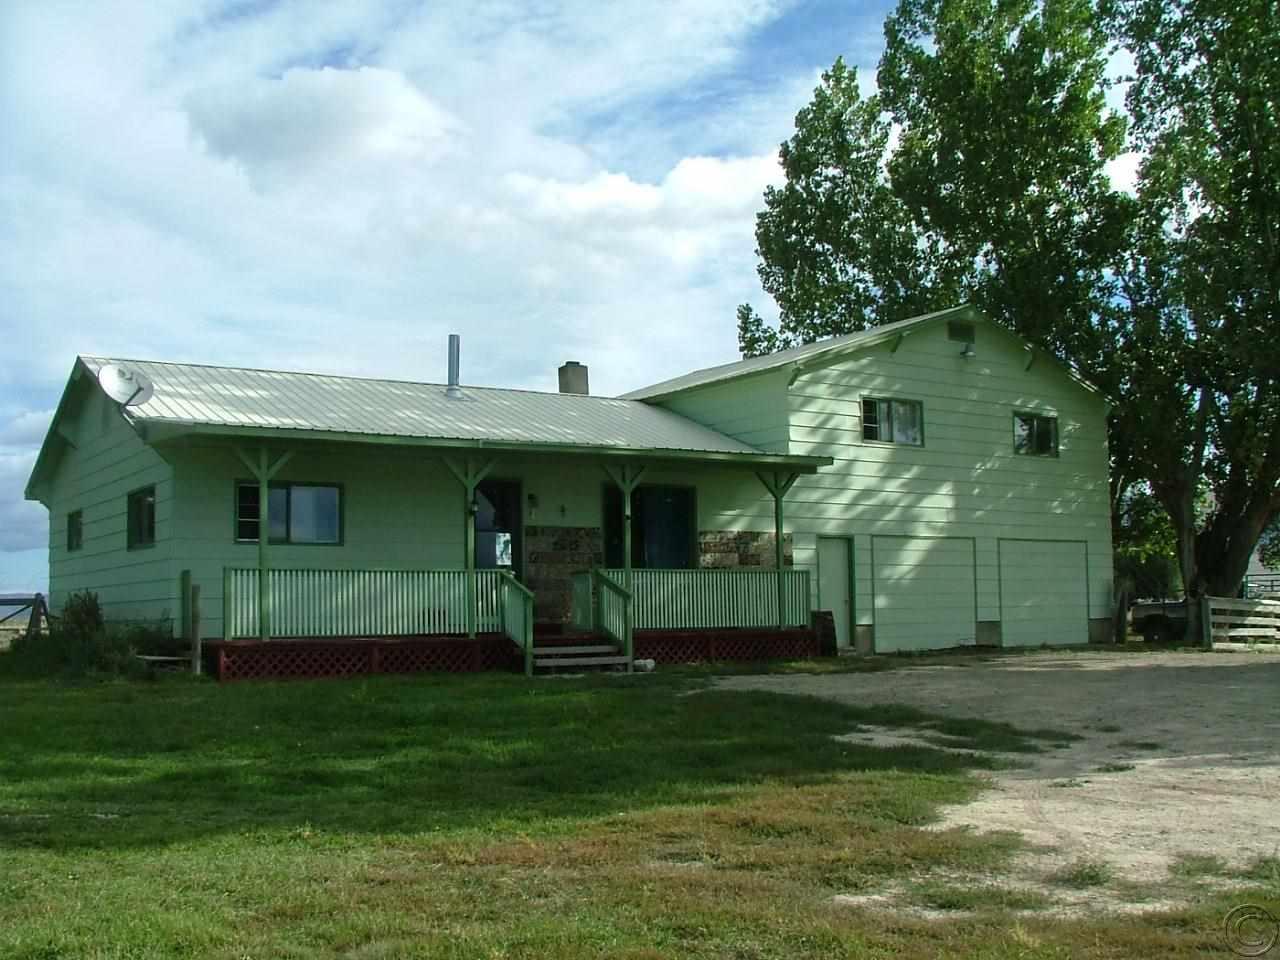 Real Estate for Sale, ListingId: 26893842, Hot Springs,MT59845